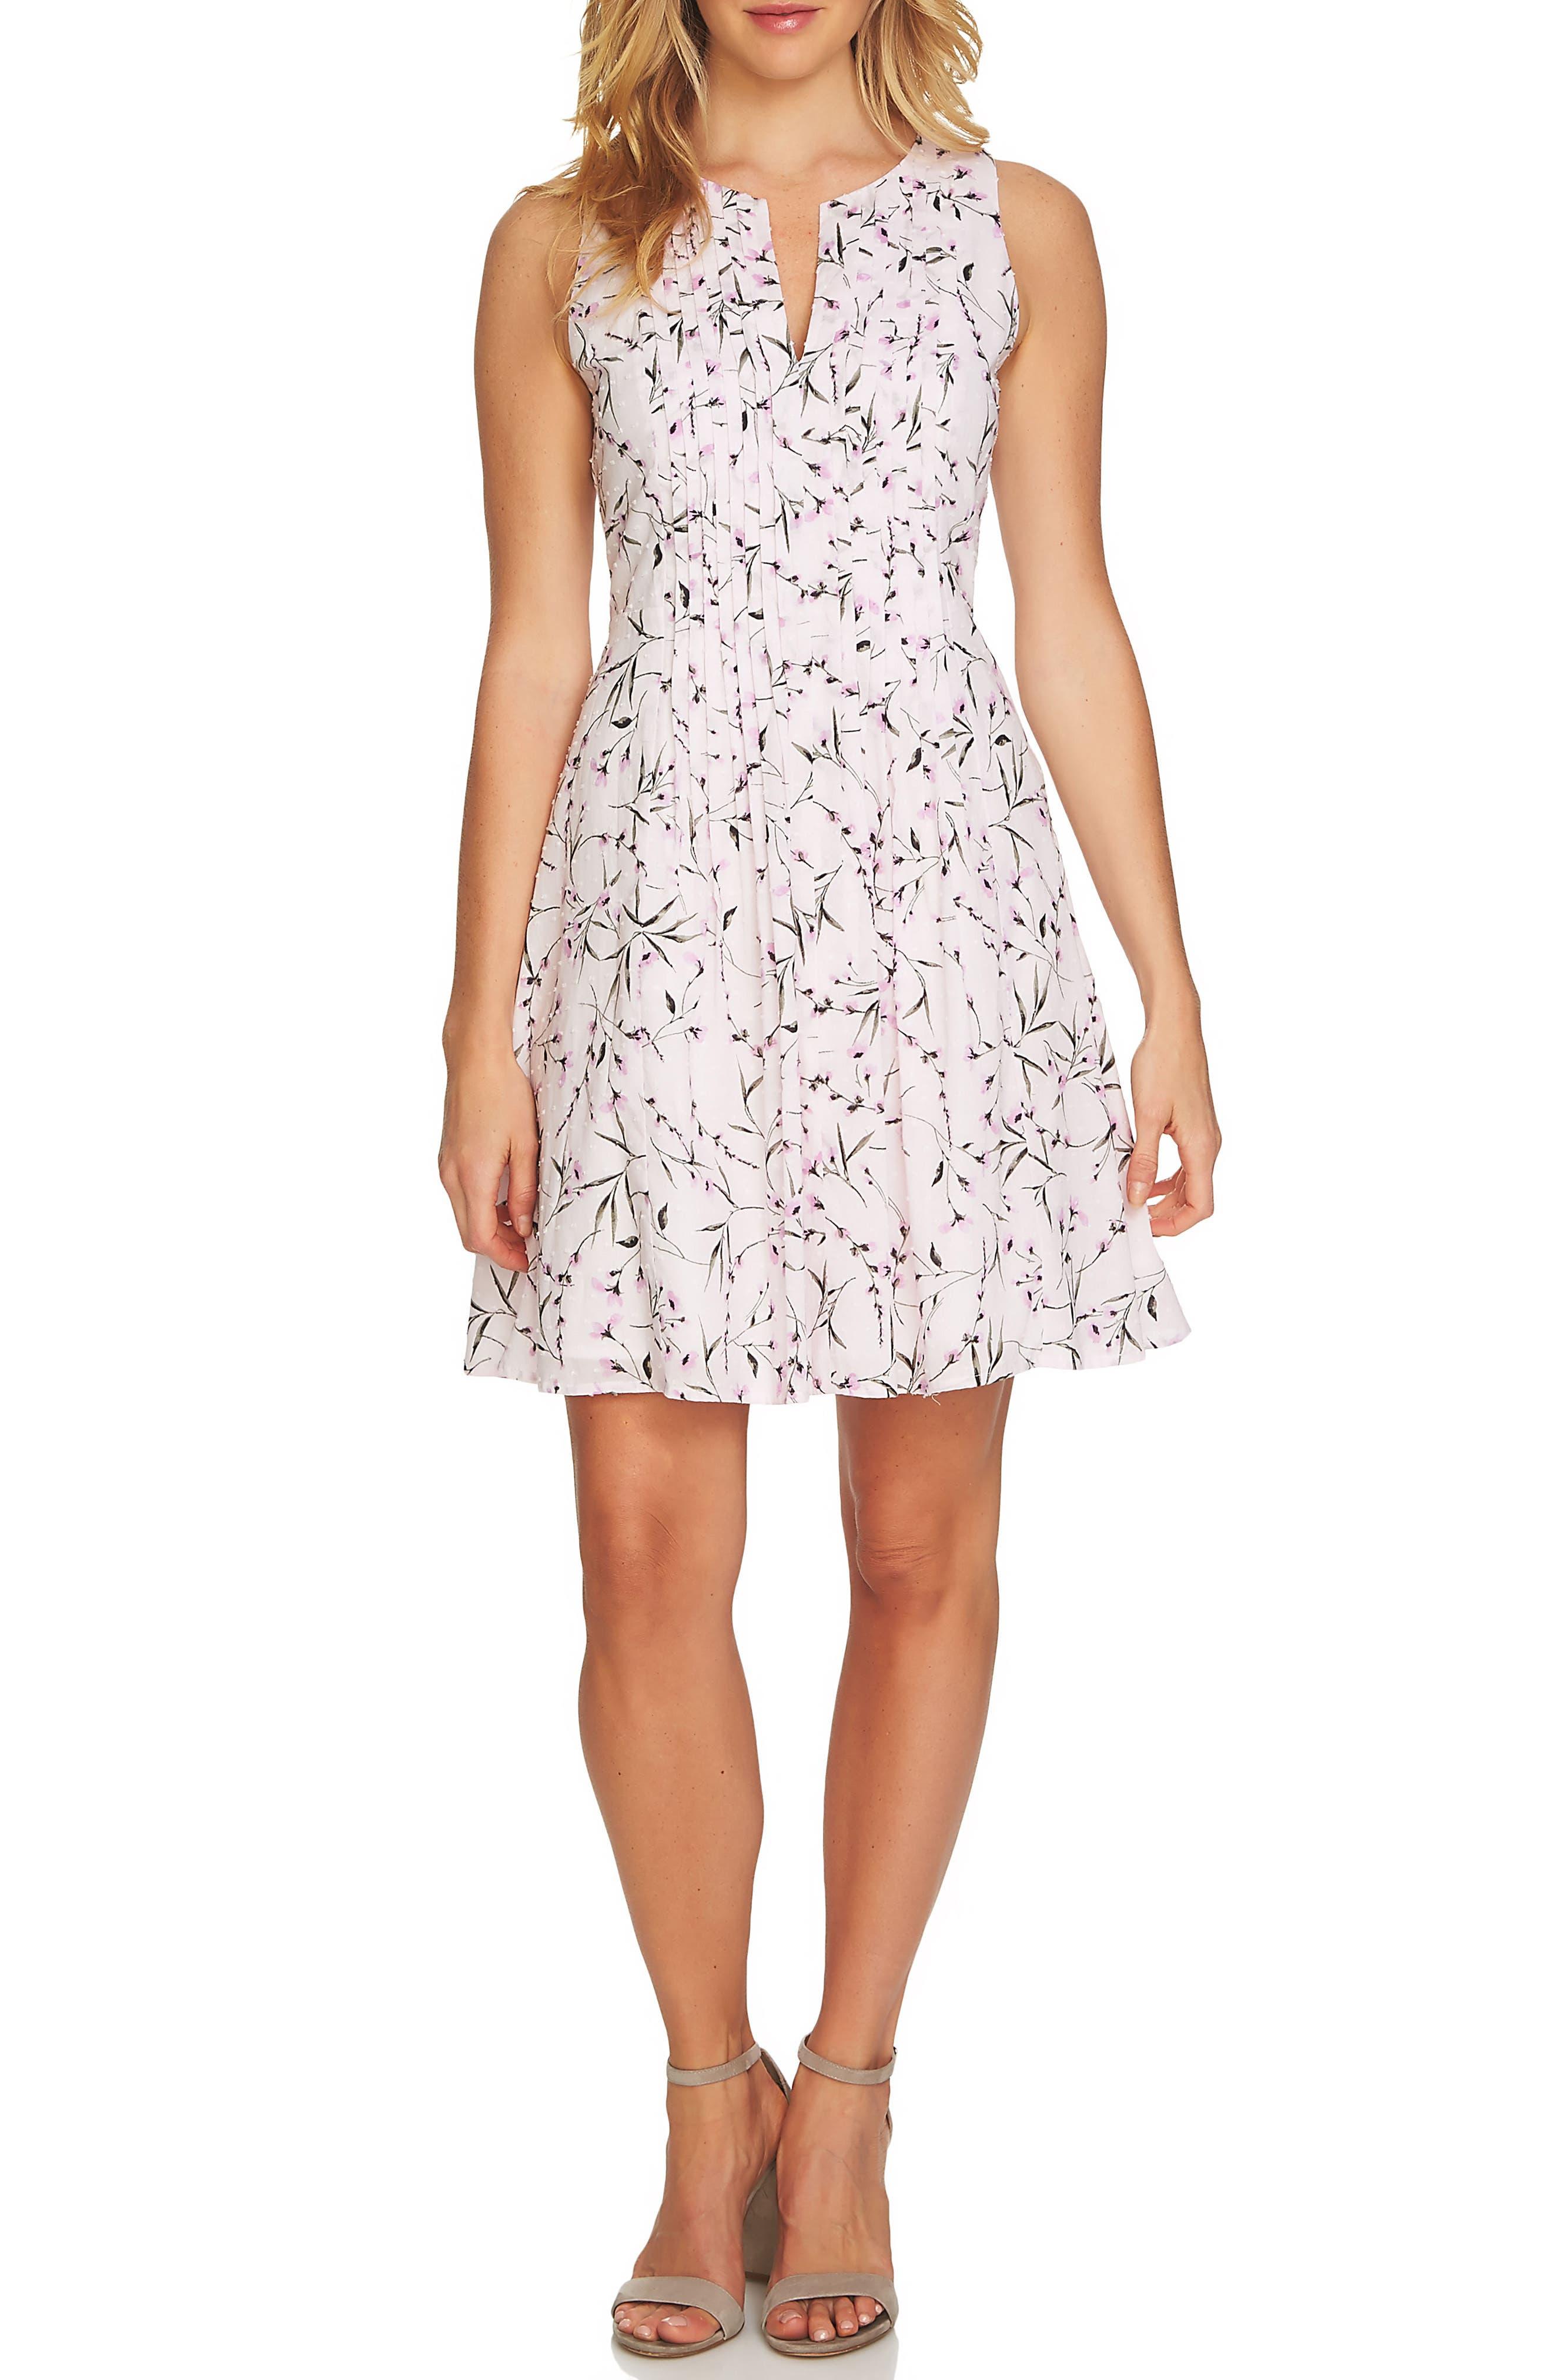 CeCe Graceful Floral Pintuck Dress